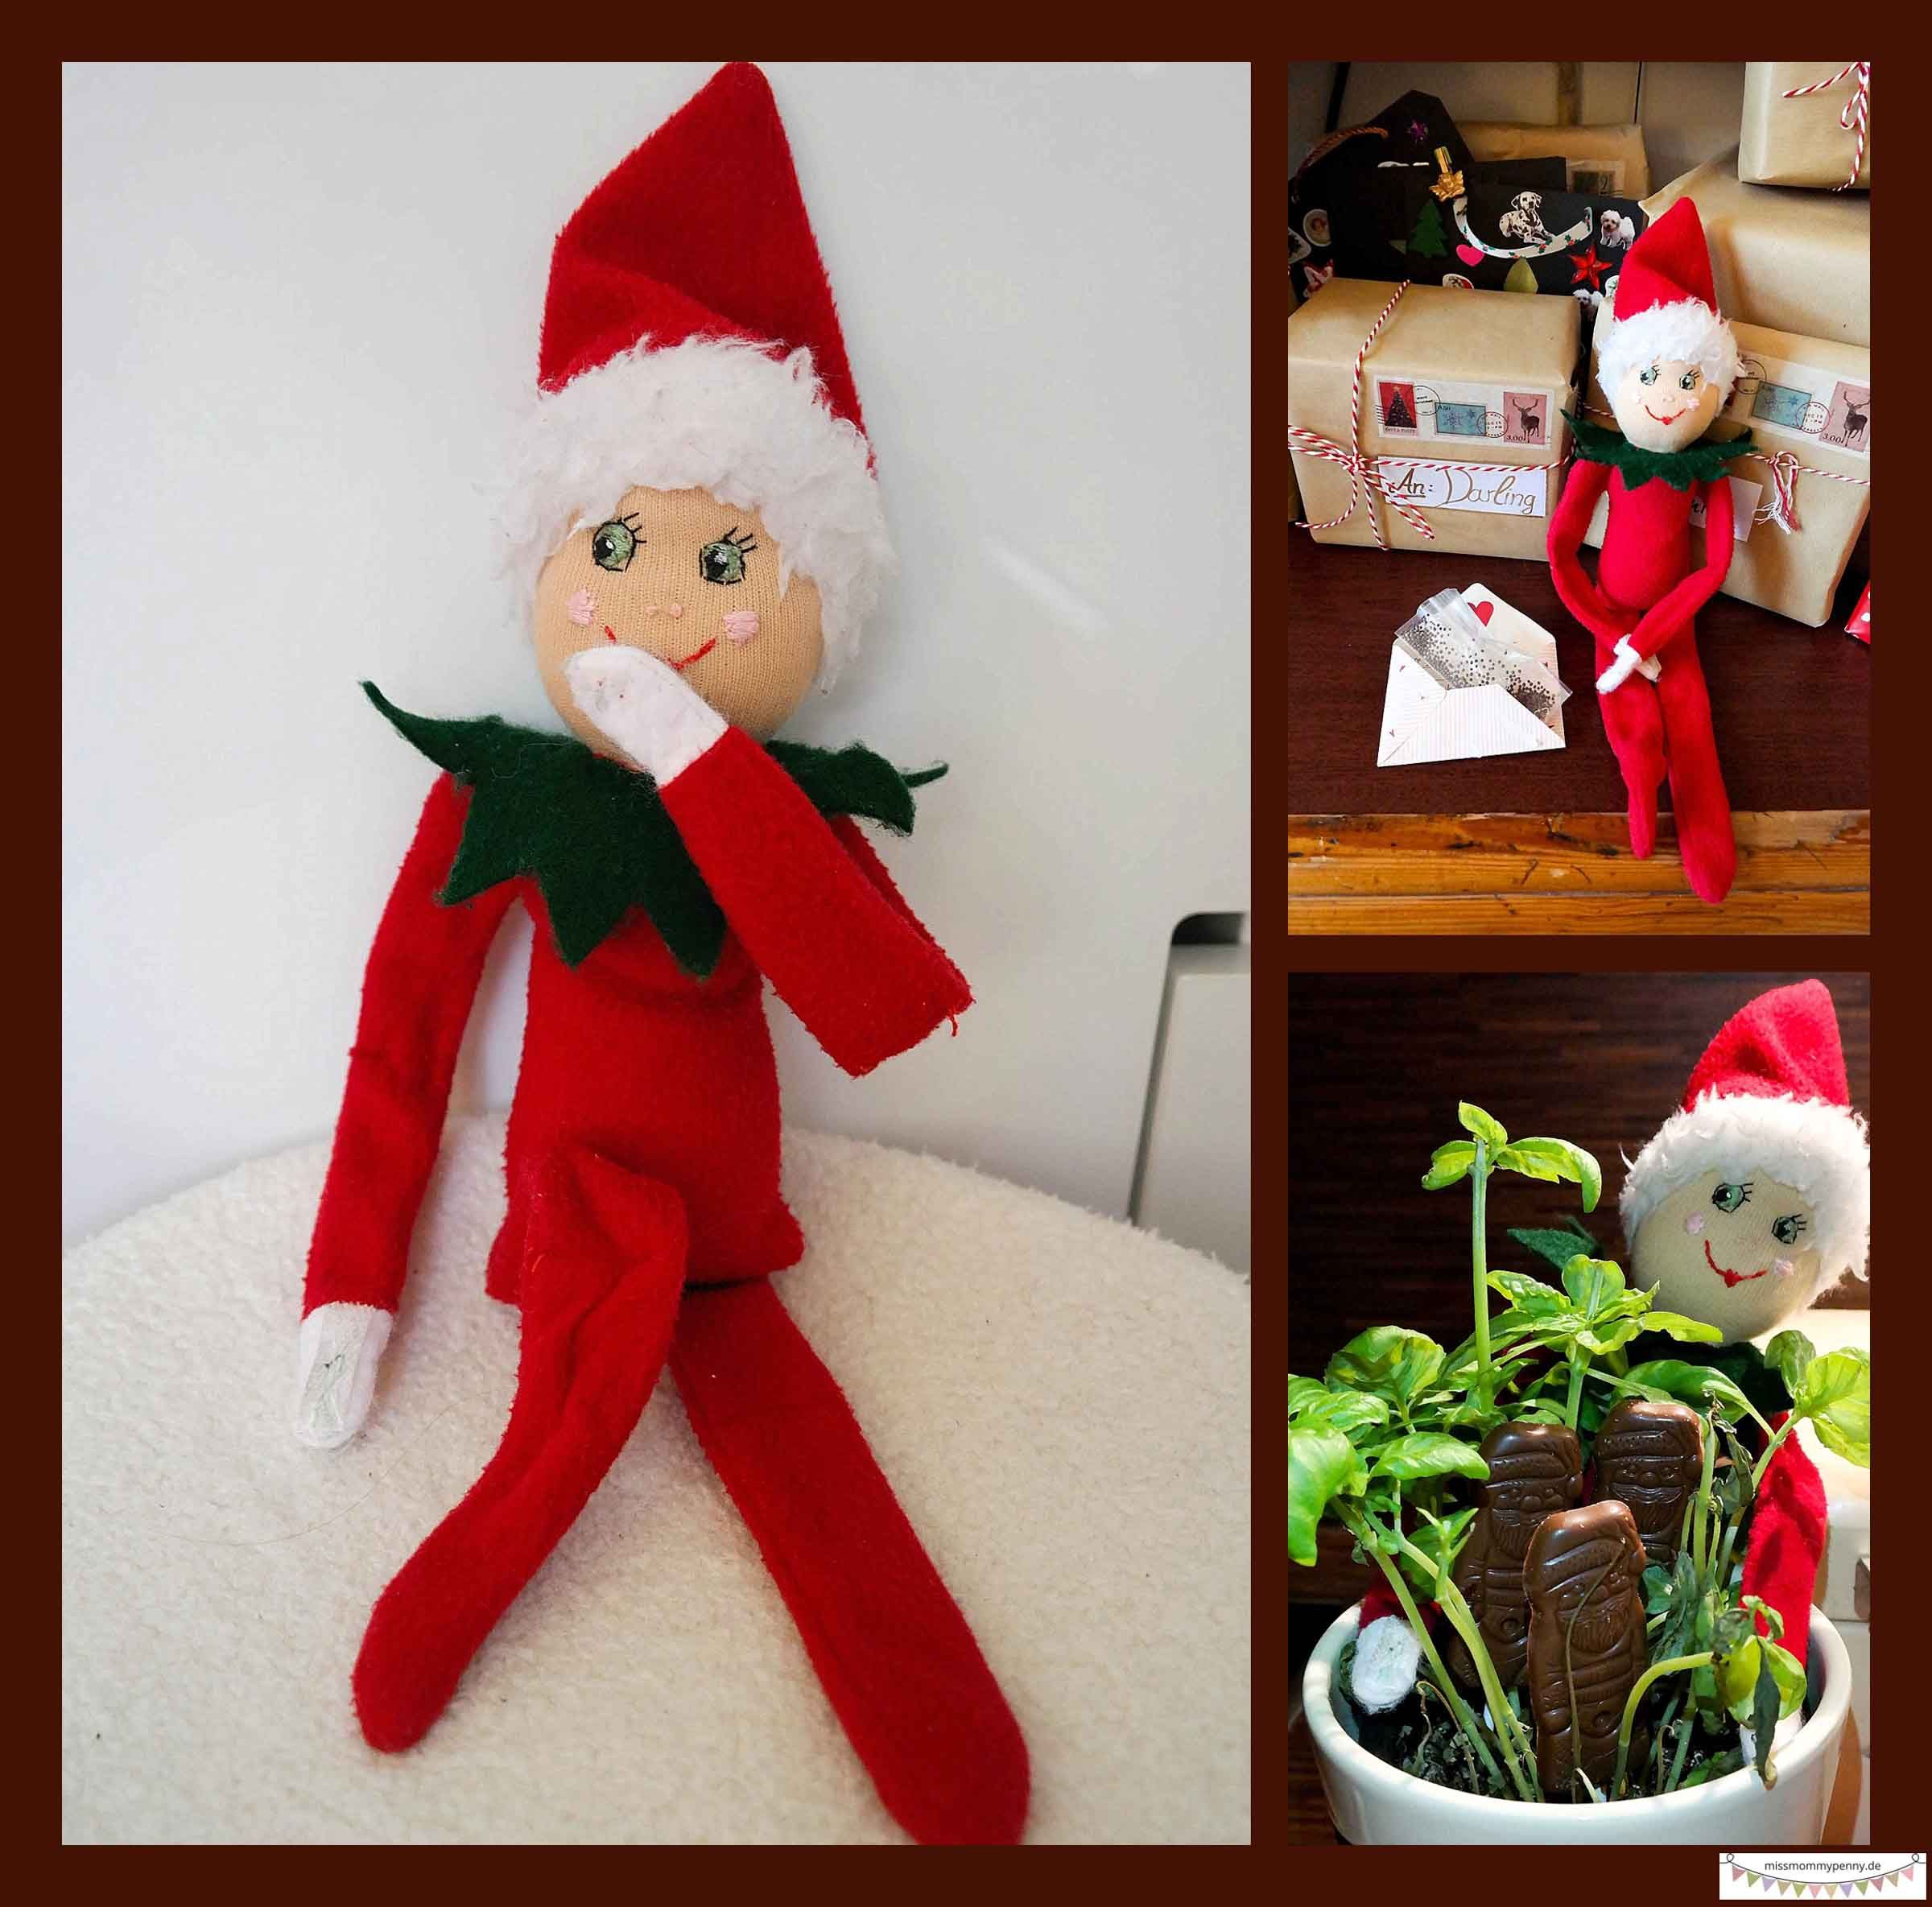 Streiche vom Weihnachtself | weihnachten | Pinterest | Weihnachtself ...